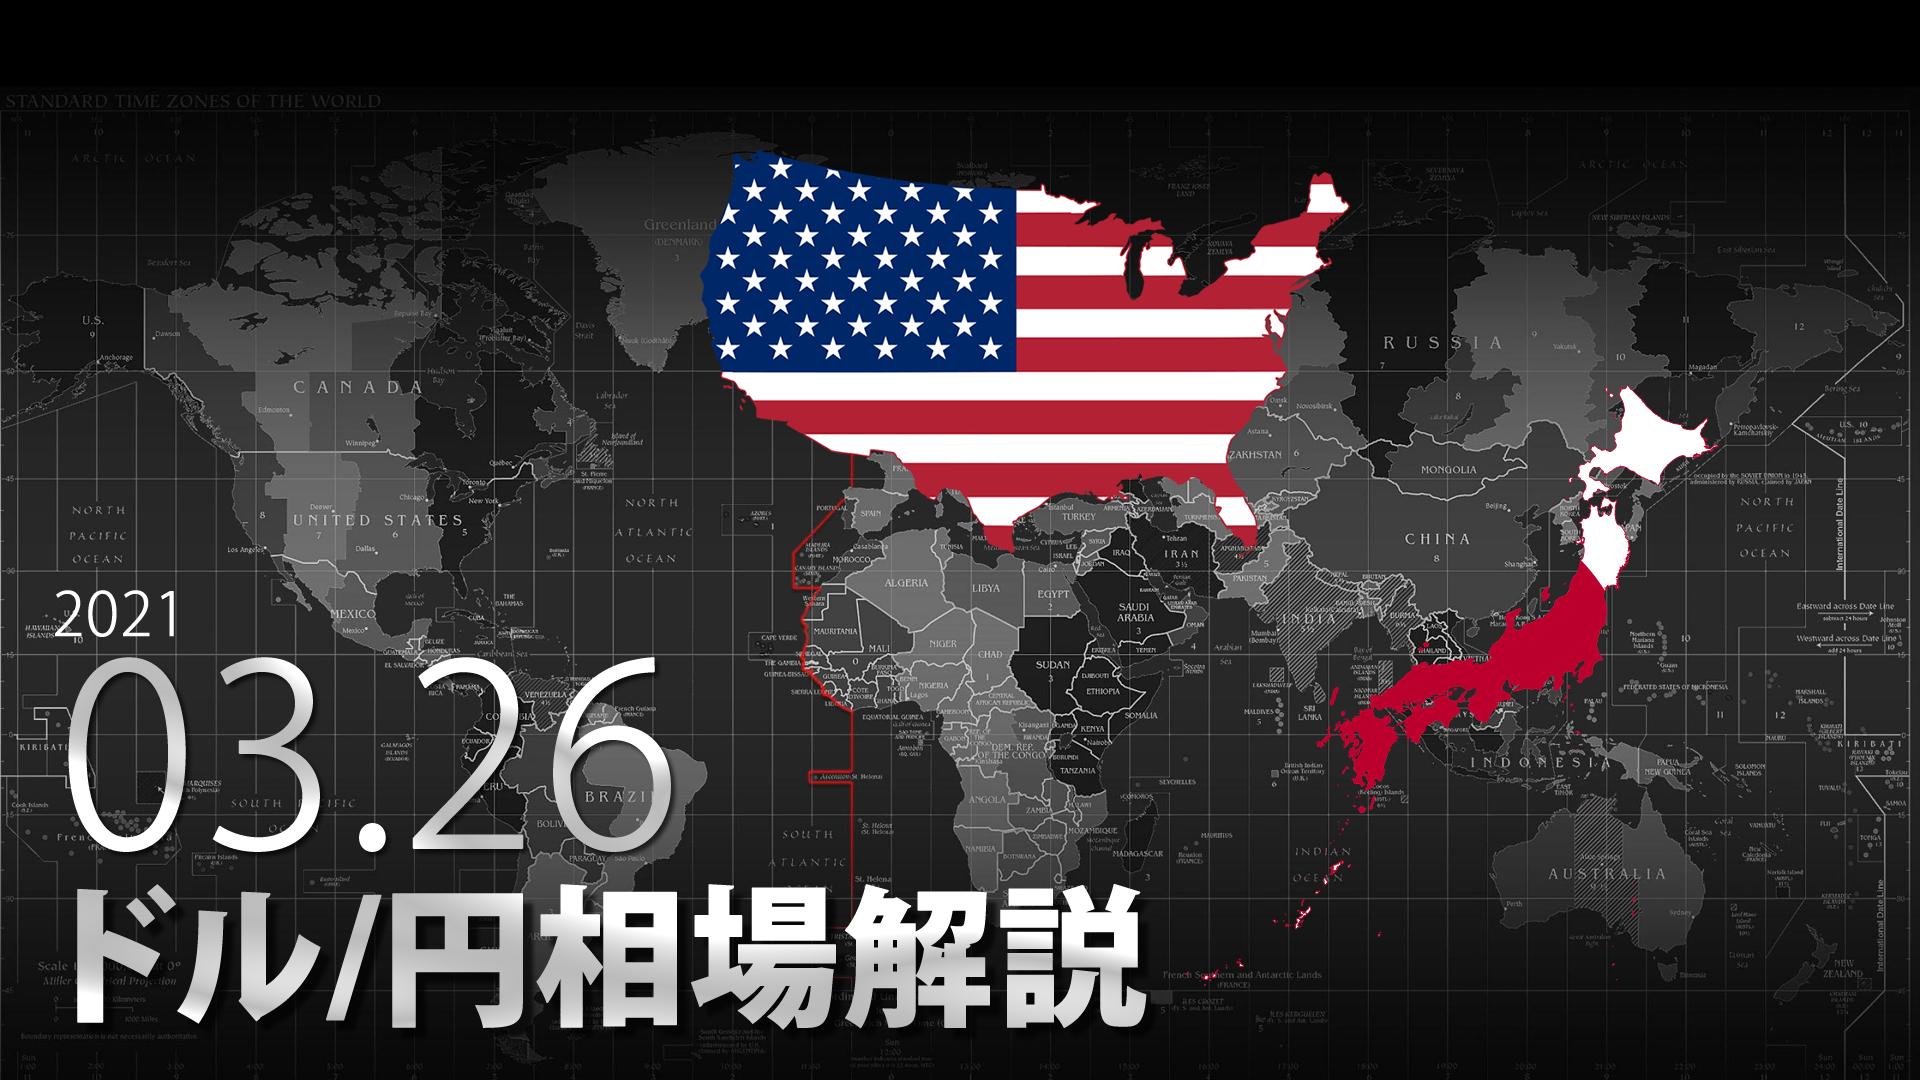 ドル円は直近レンジの上限付近へ到達。レンジブレイクを見極める局面